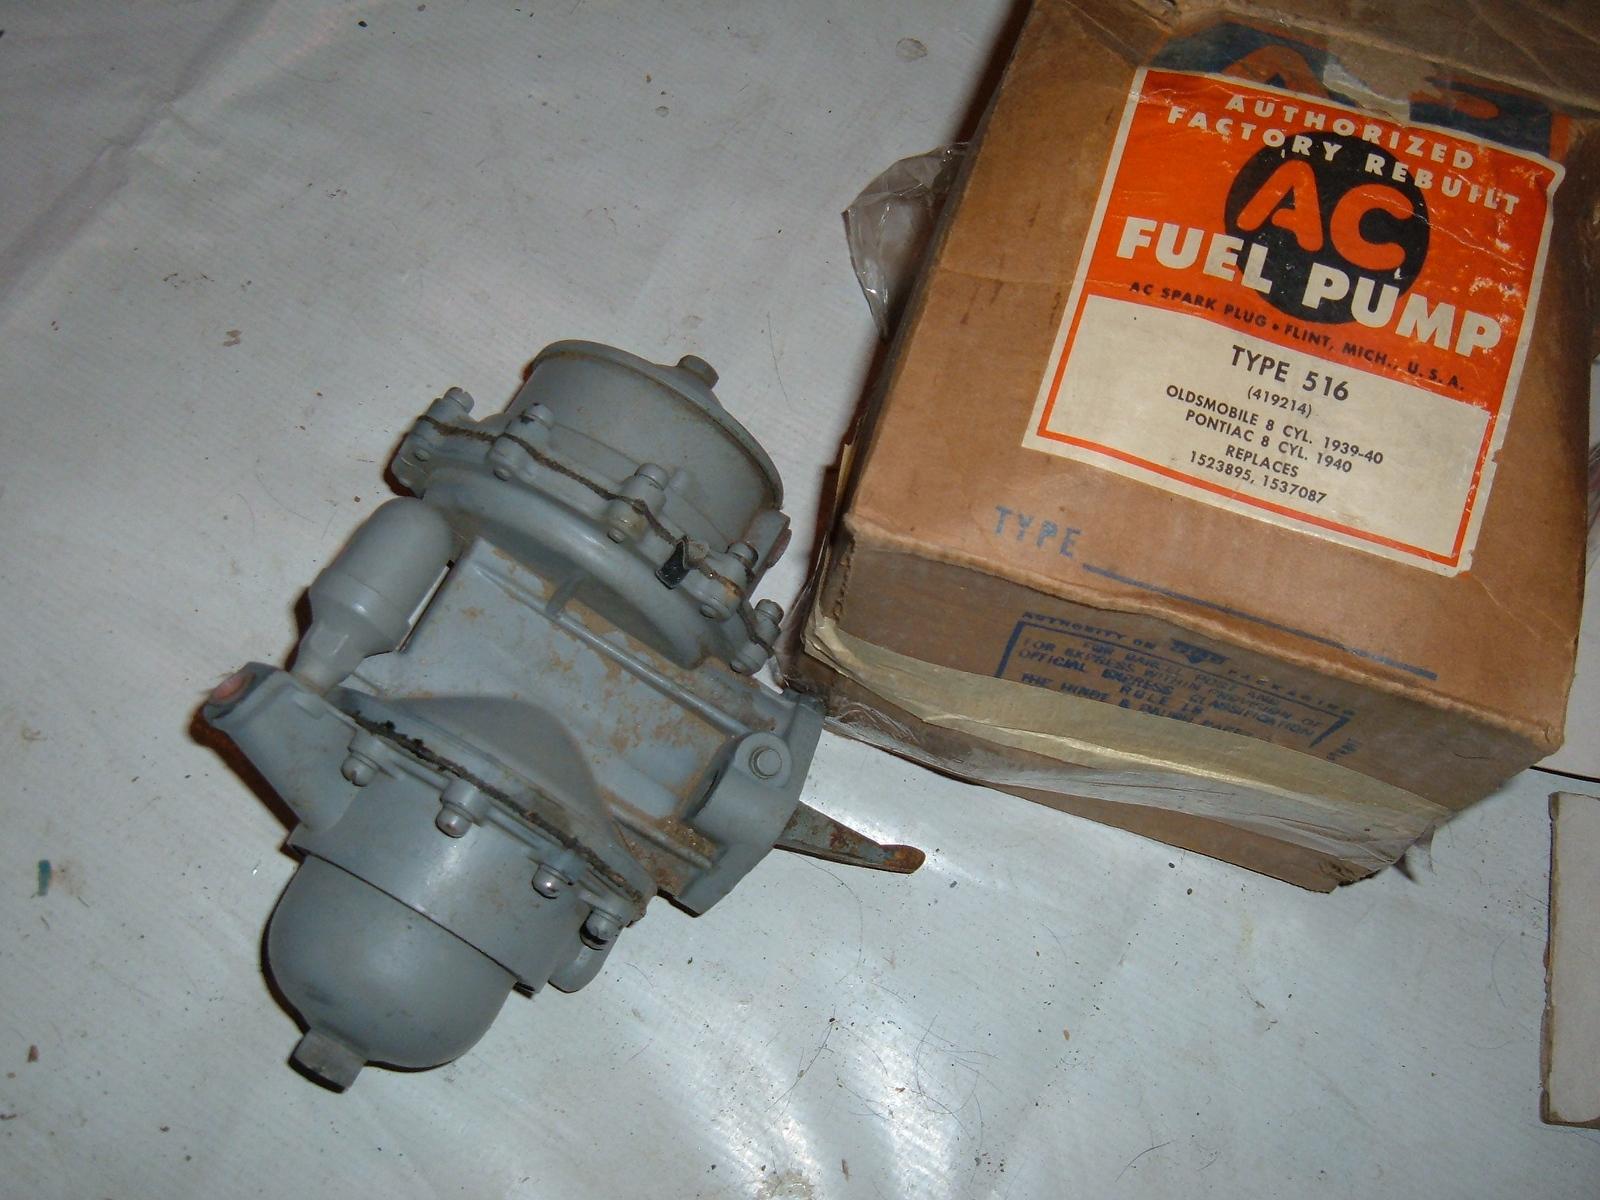 1939 1940 Oldsmobile Pontiac 8 fuel pump ac delco rebuilt ac # 516 (z 516ac)